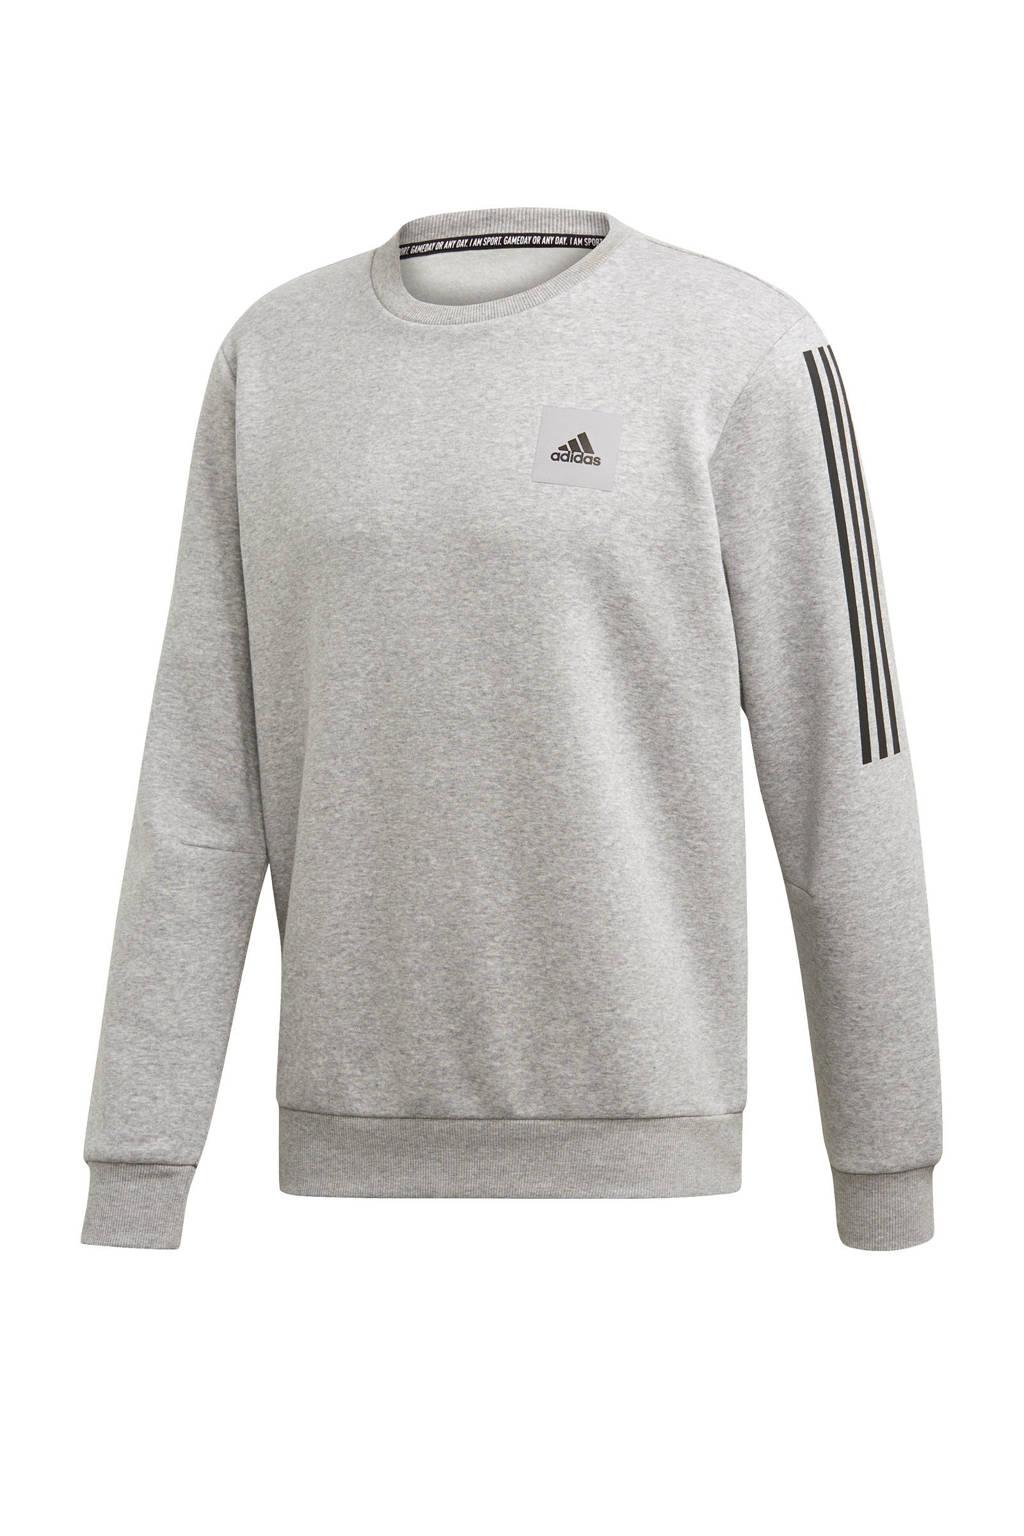 adidas Performance   sportsweater grijs/zwart, Grijs/zwart